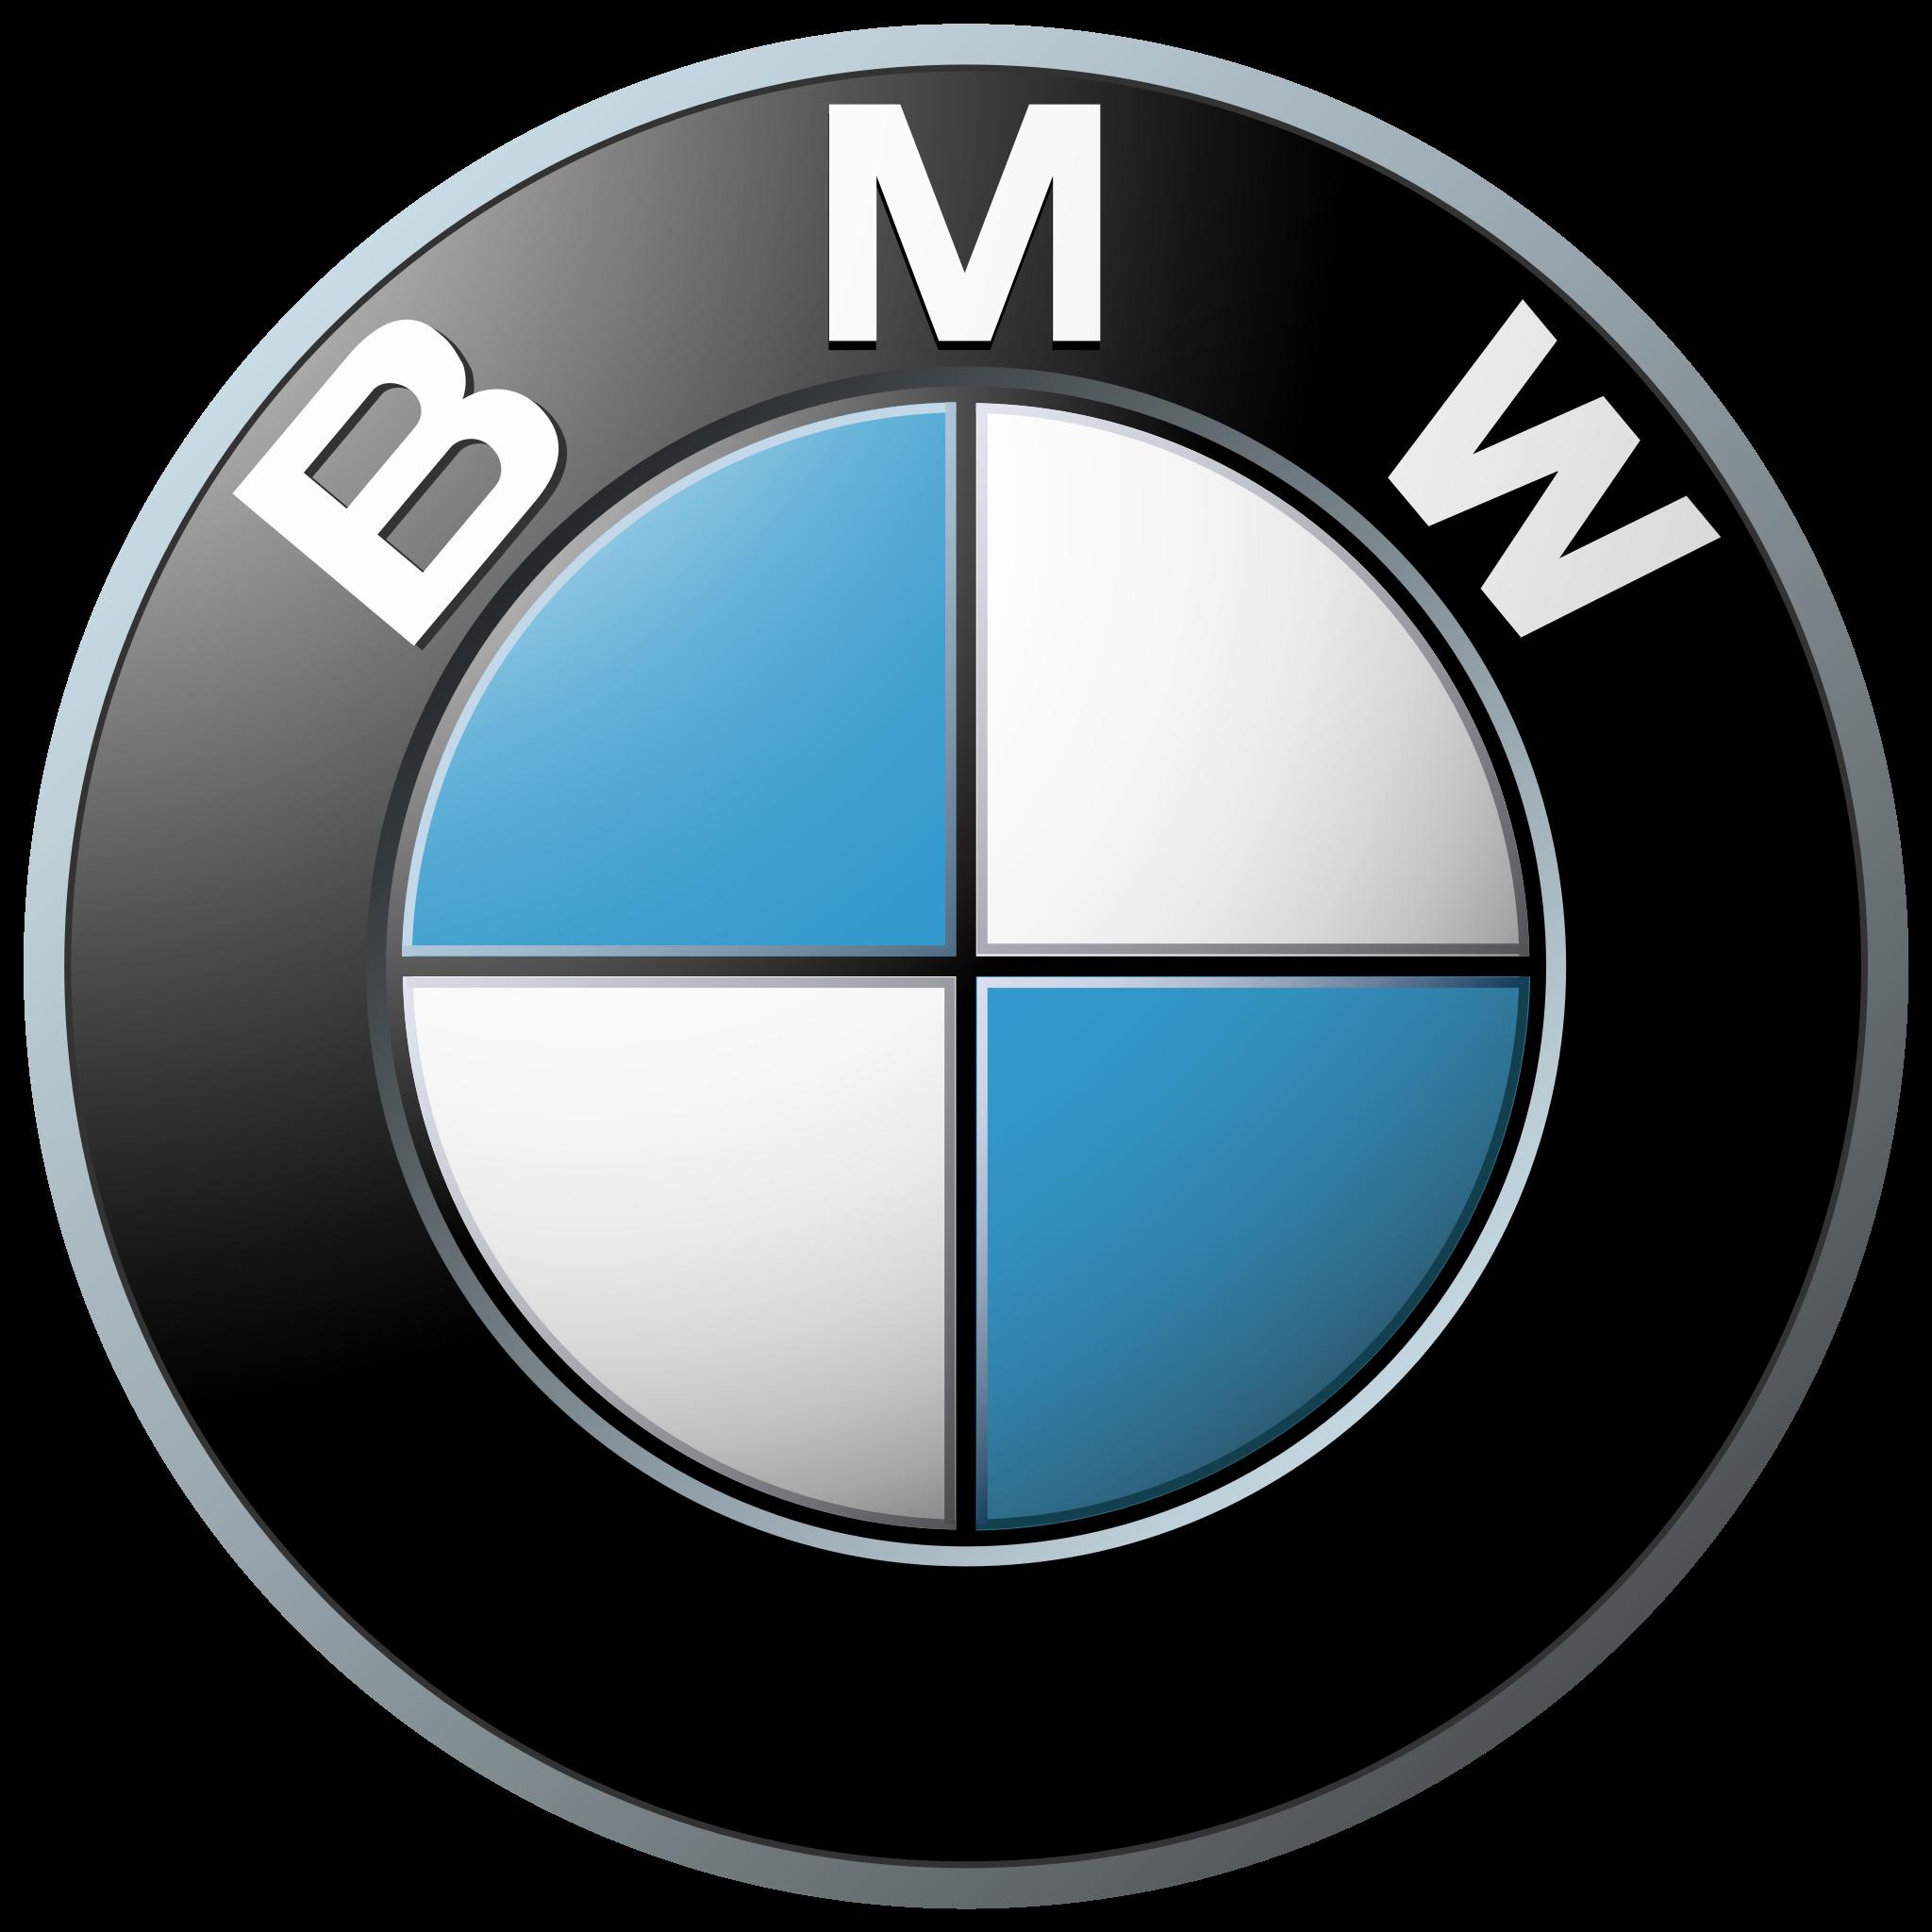 https://0201.nccdn.net/4_2/000/000/060/85f/BMW-logo-2048x2048.png